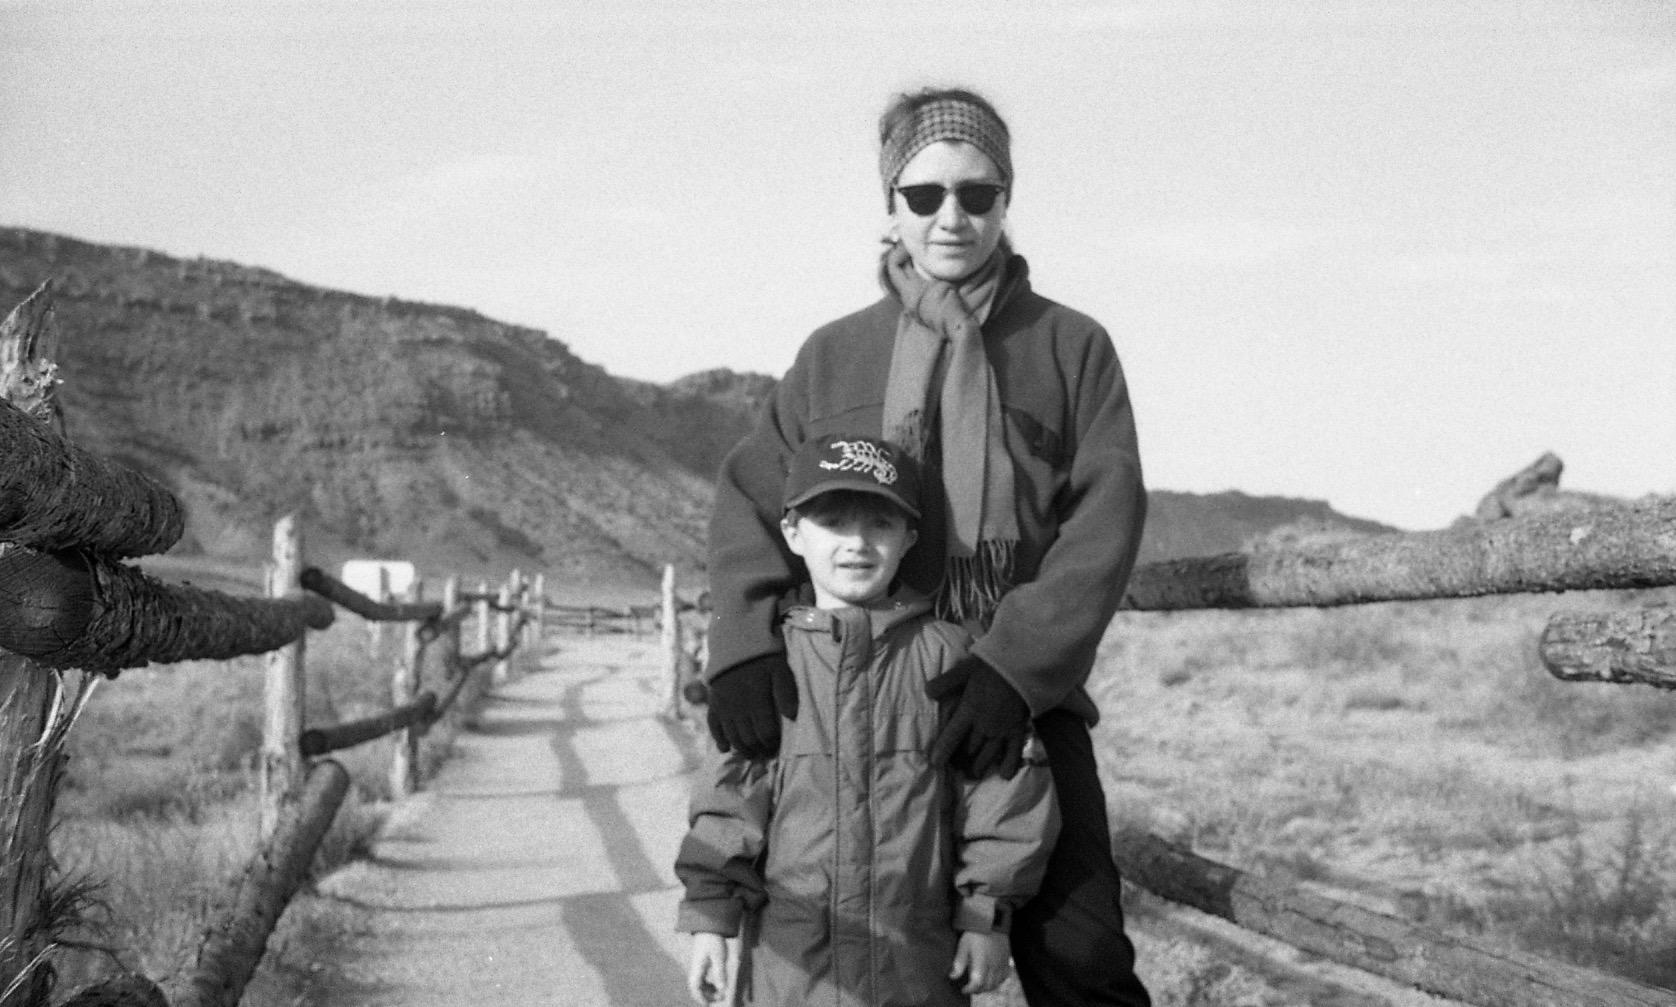 On vacation in Utah, 2000